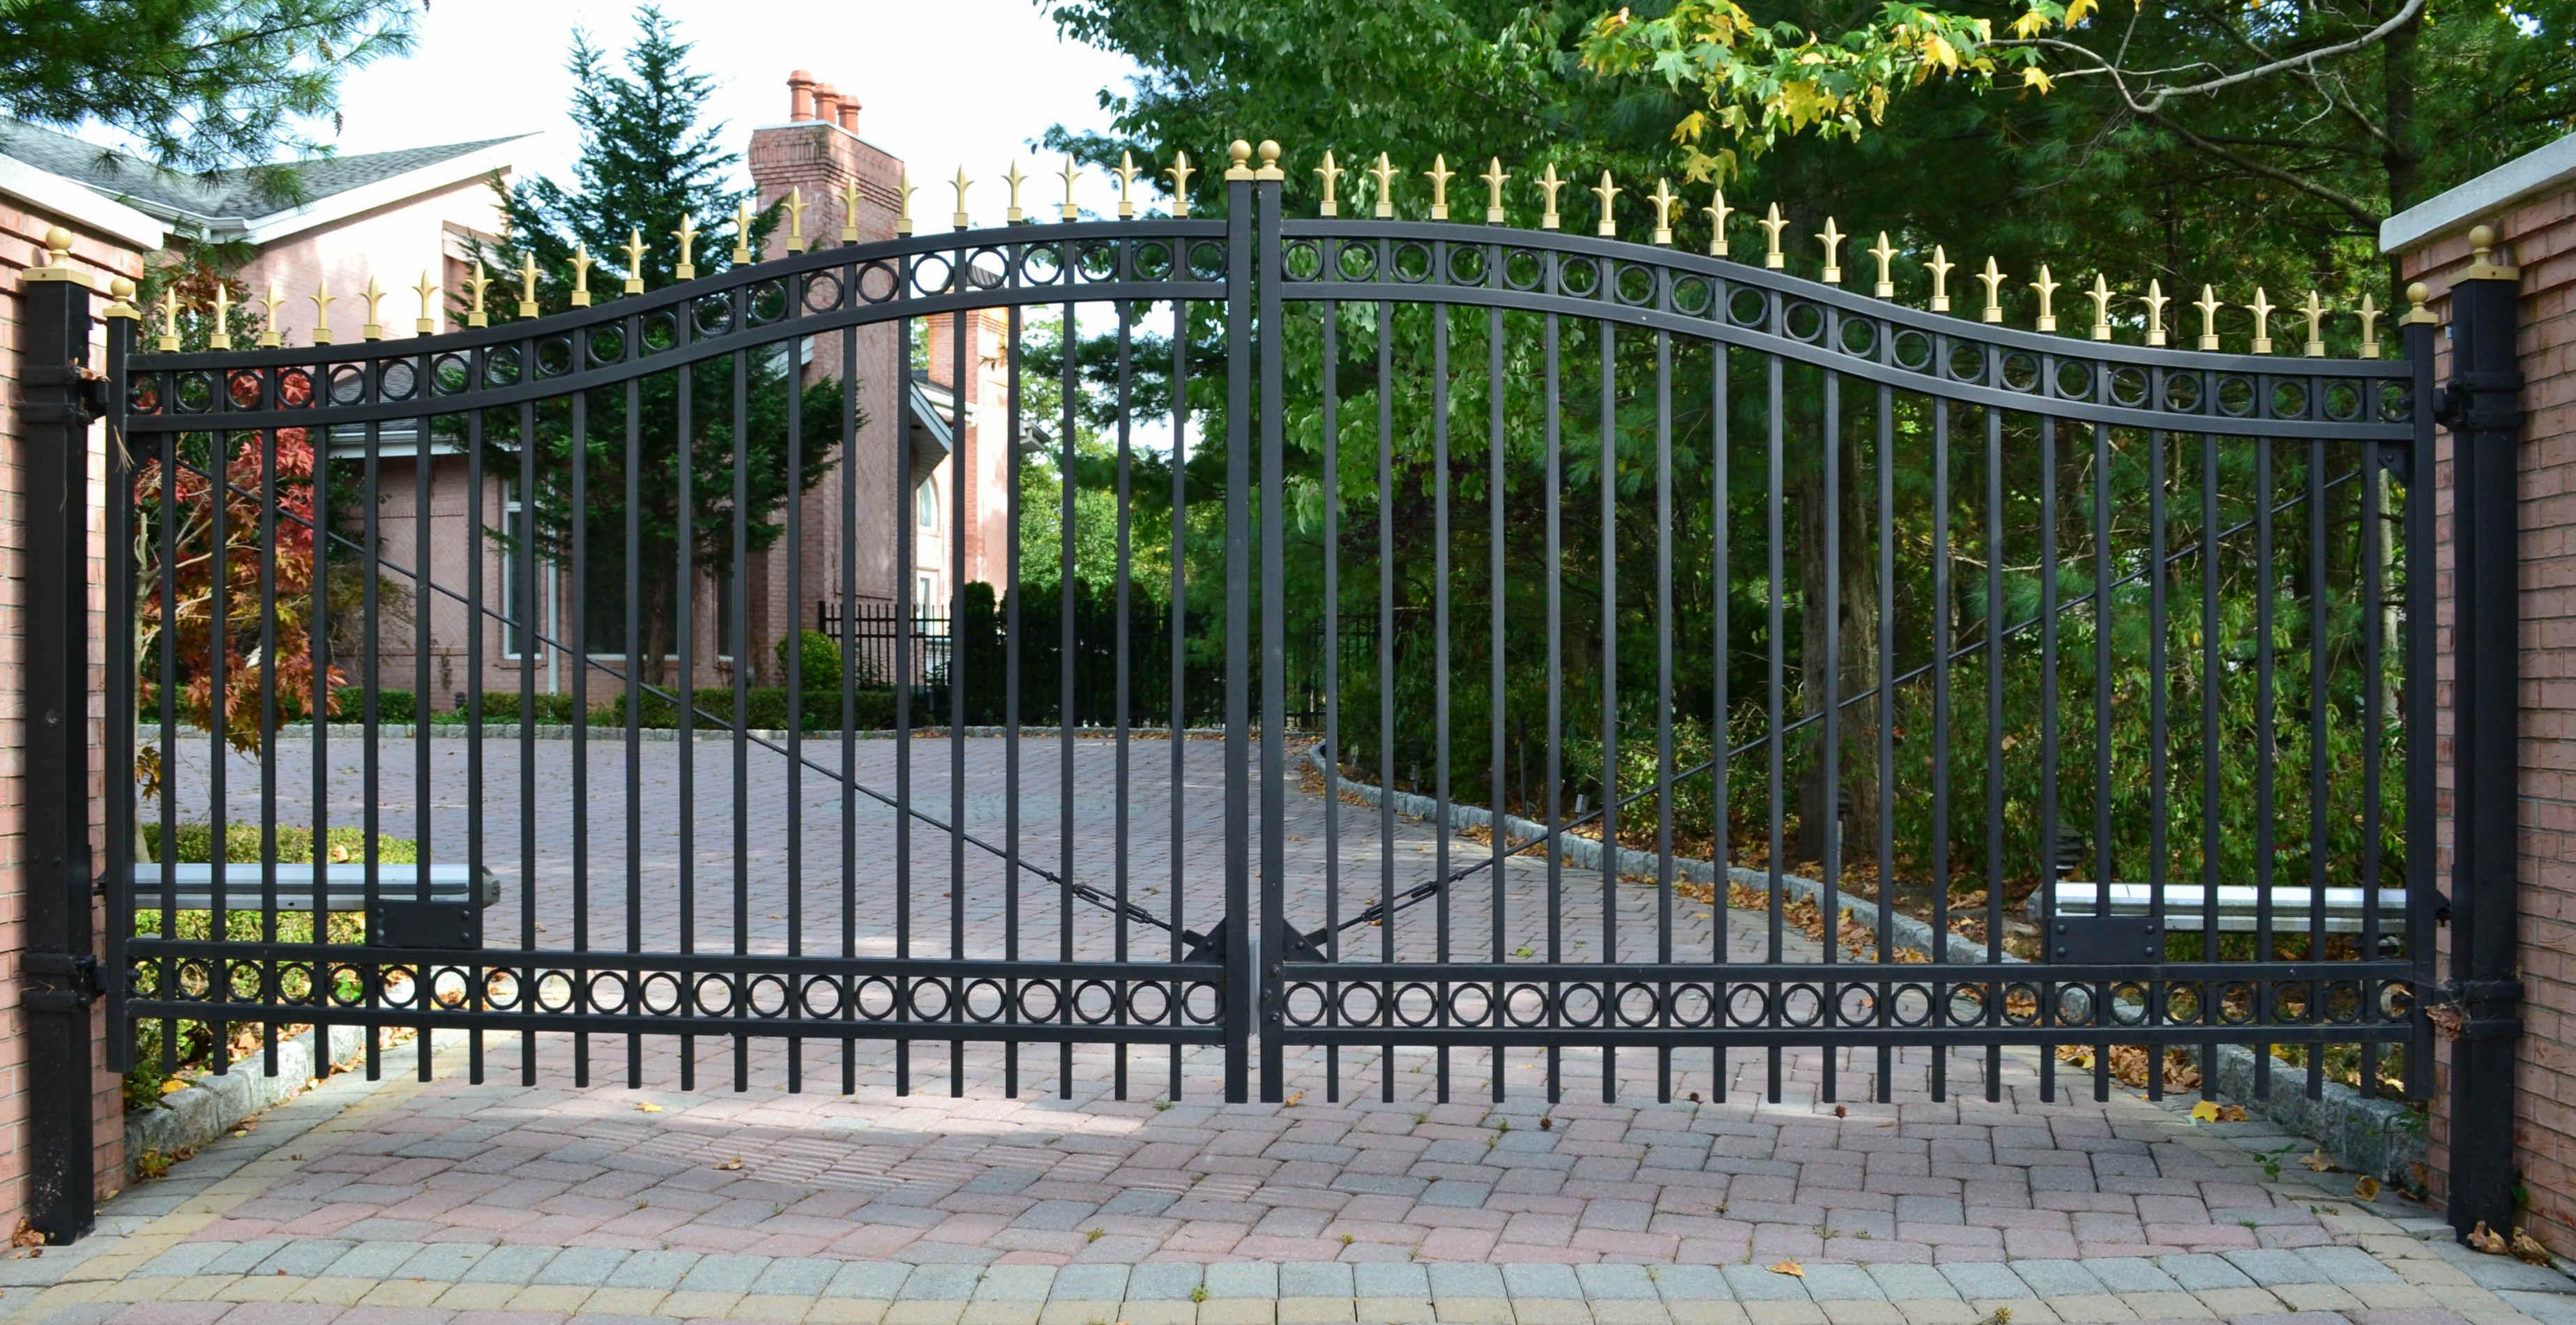 Ornate iron driveway gates